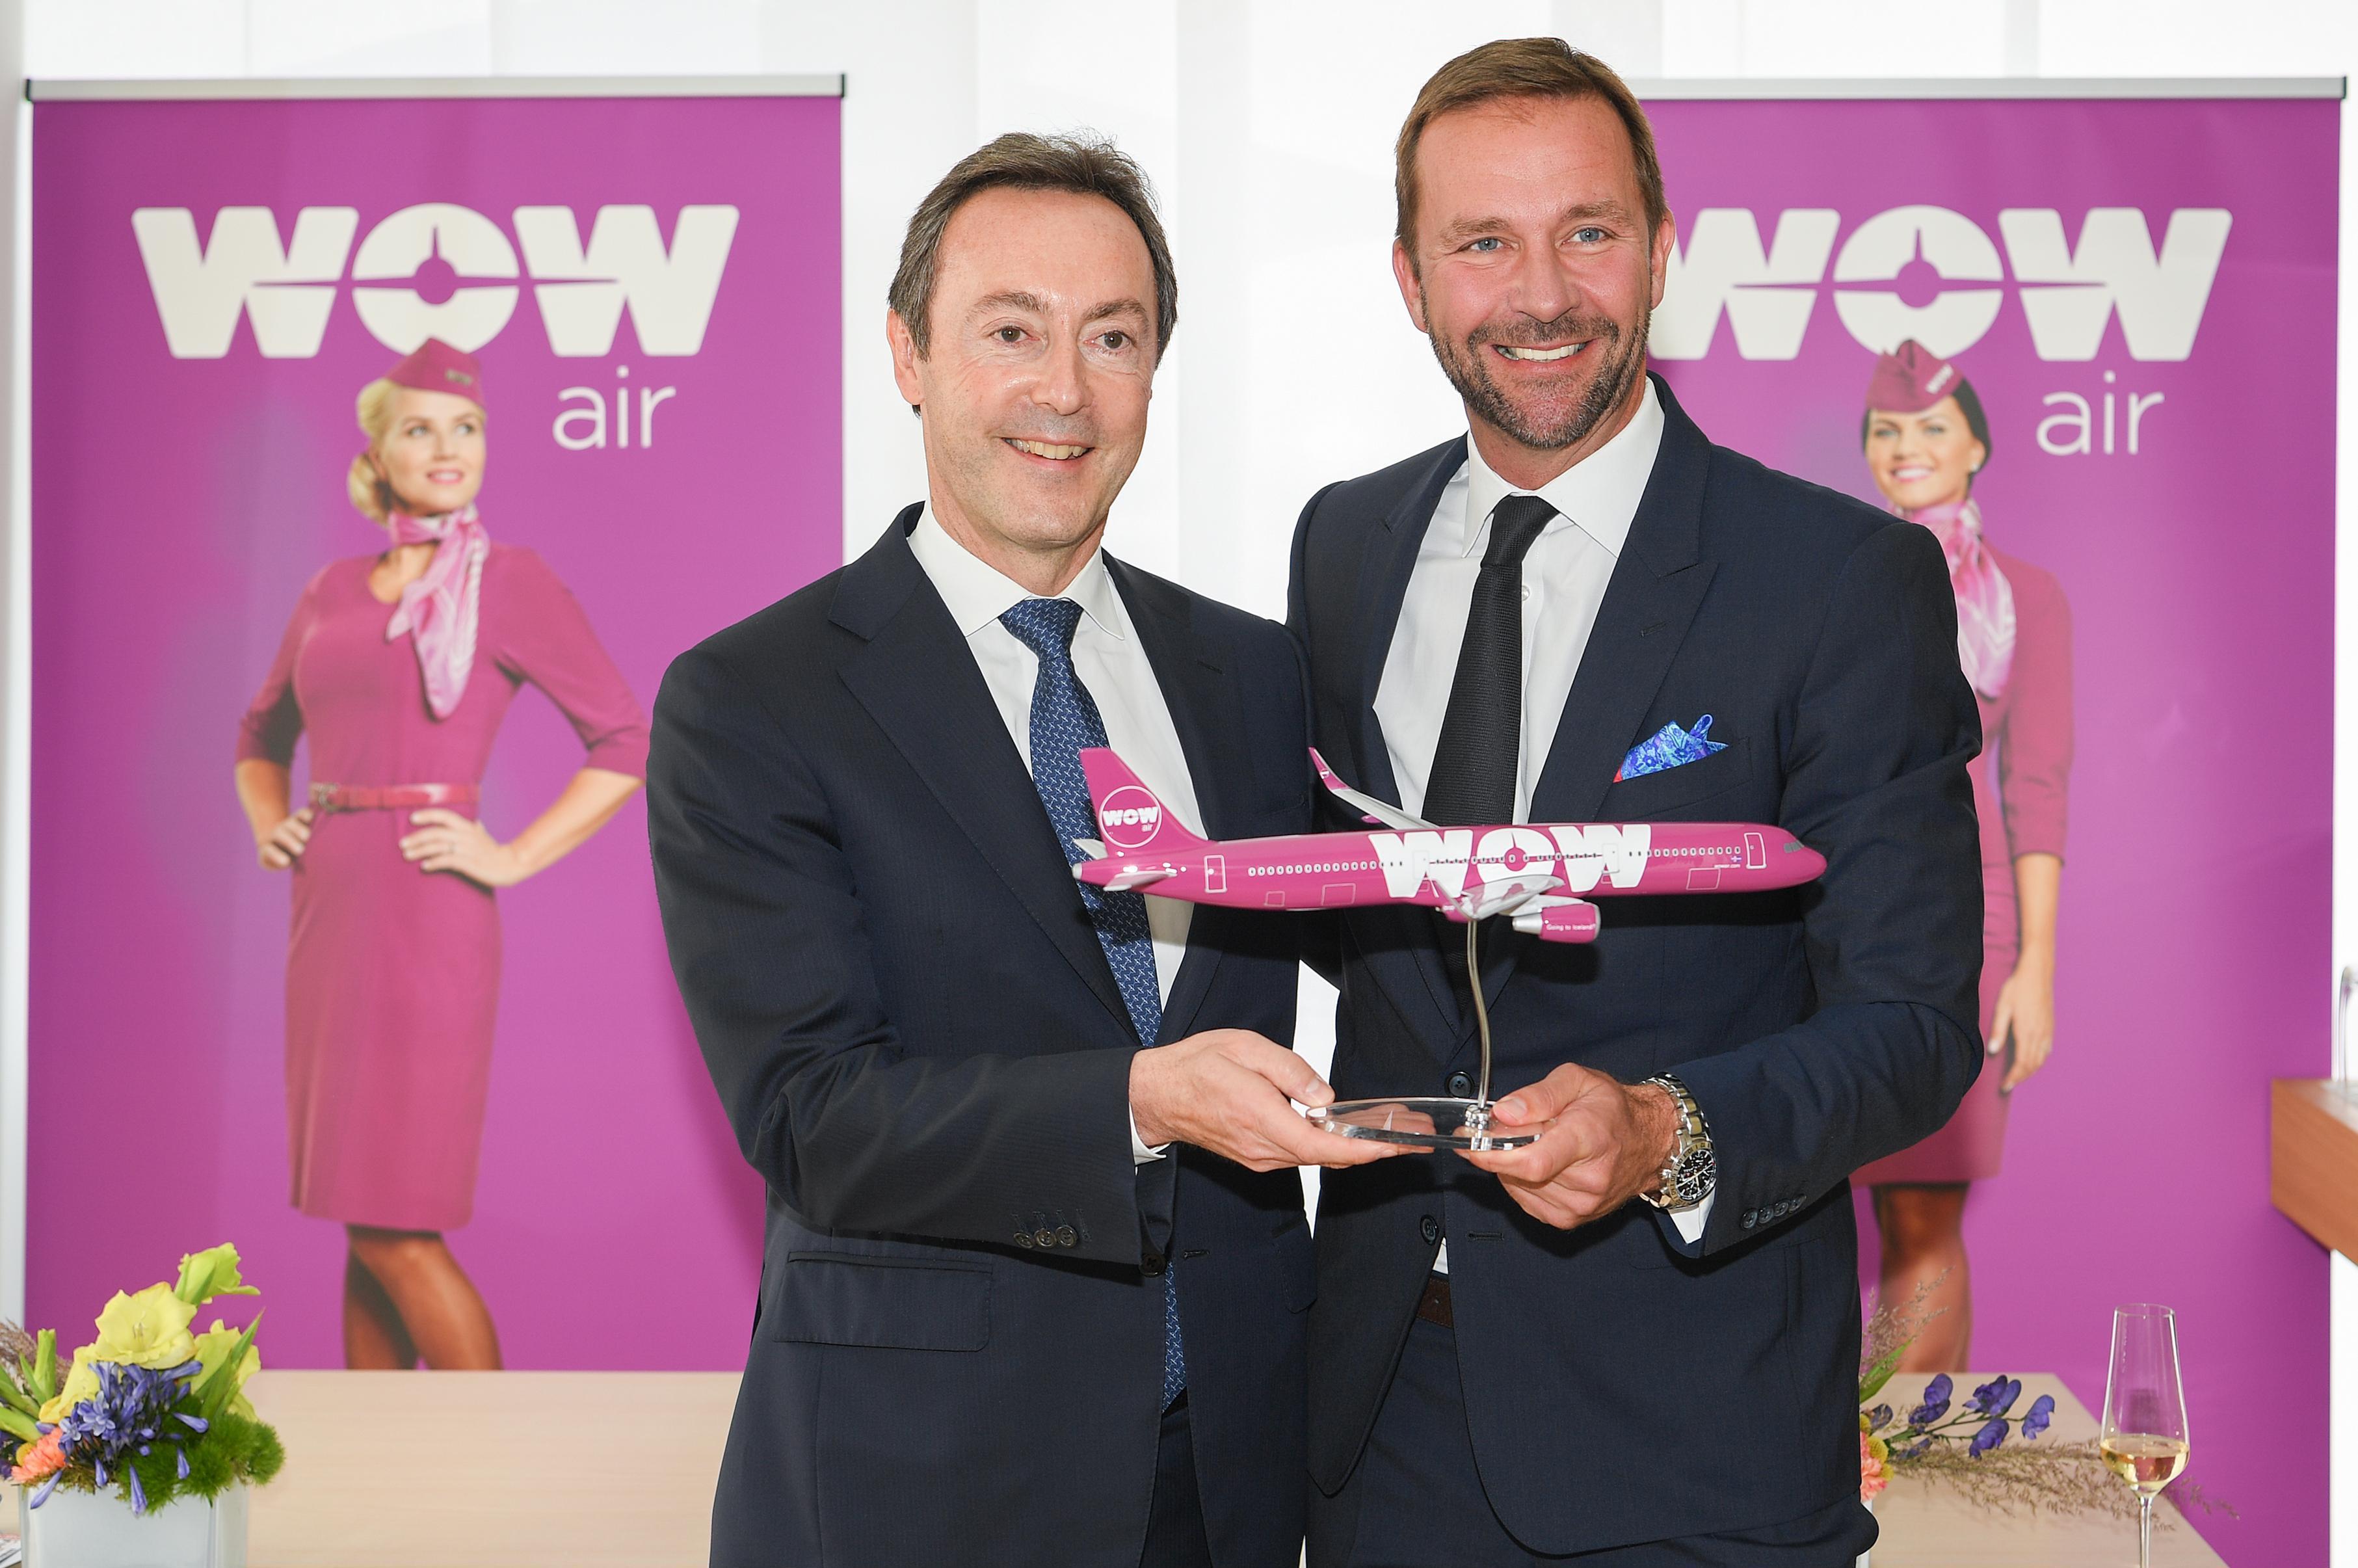 WOW air køber fire fabriksnye A321-fly. T.v. koncerndriftsdrektør John Leahy fra Airbus sammen med Skúli Mogensen, der er ejer og stifter af WOW air. (Foto: F. Langelot / master films)